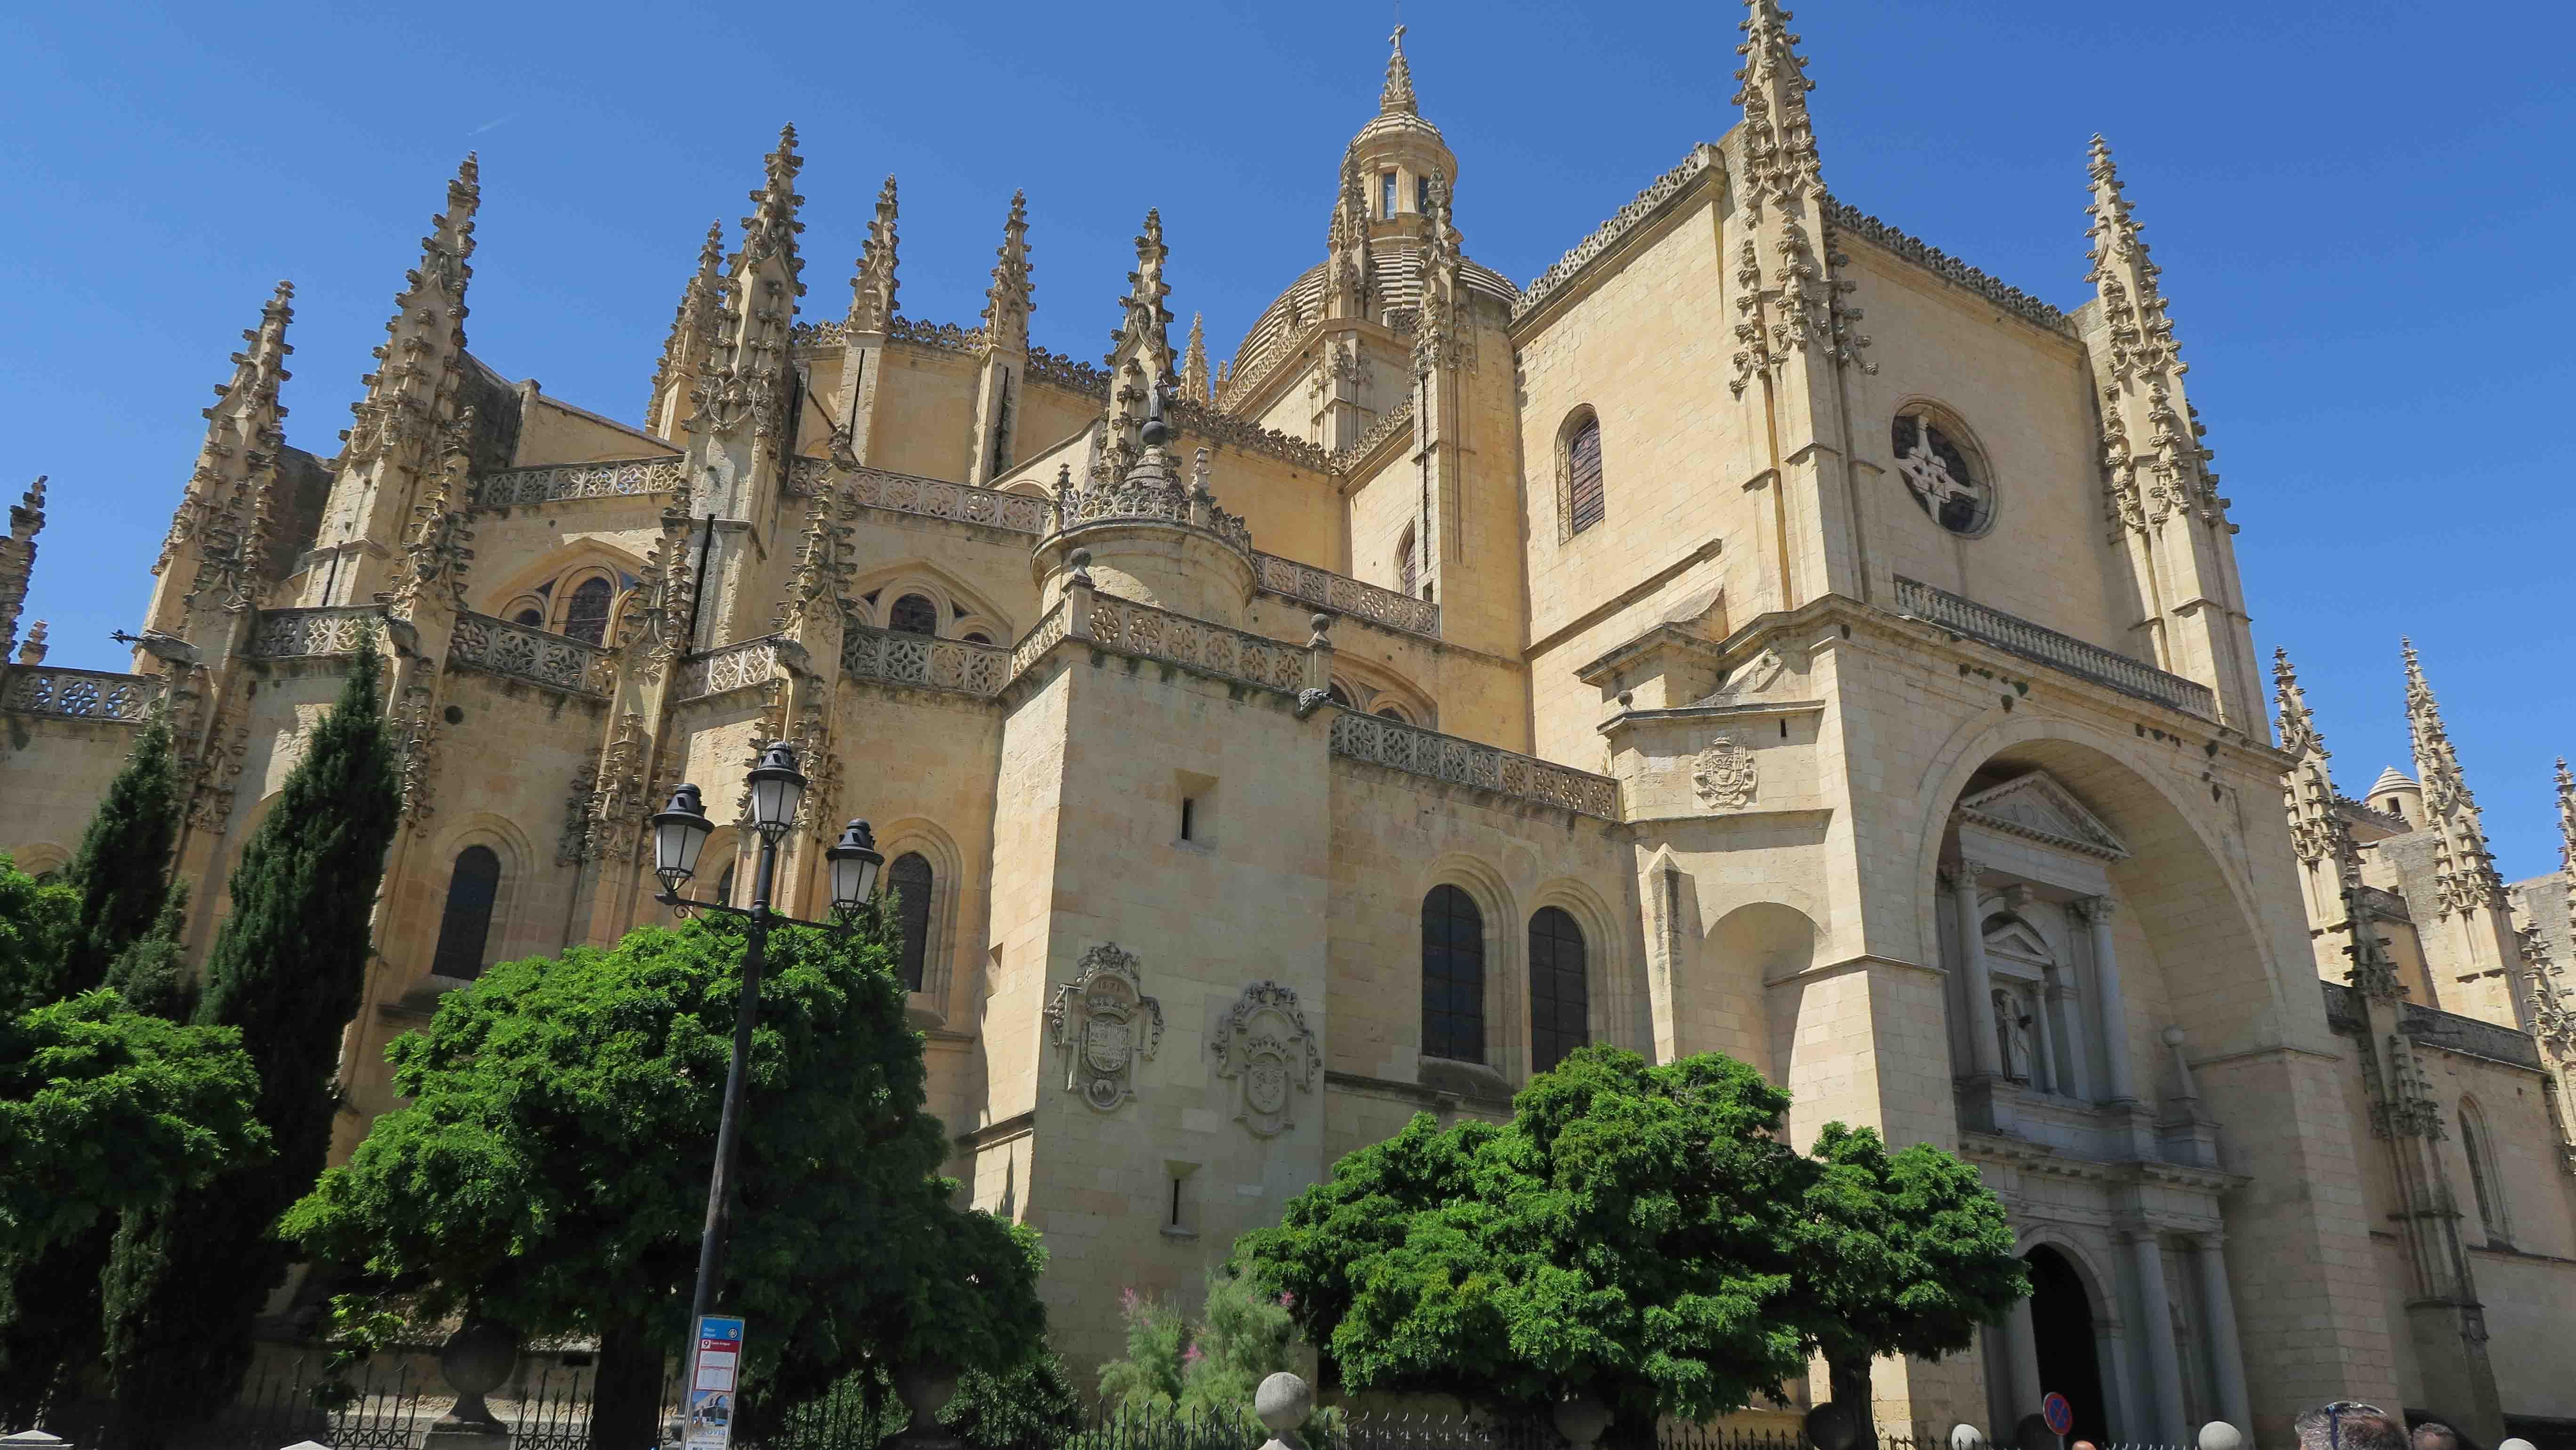 Santa Iglesia Catedral de Nuestra Señora de la Asunción y de San Frutos Segovia